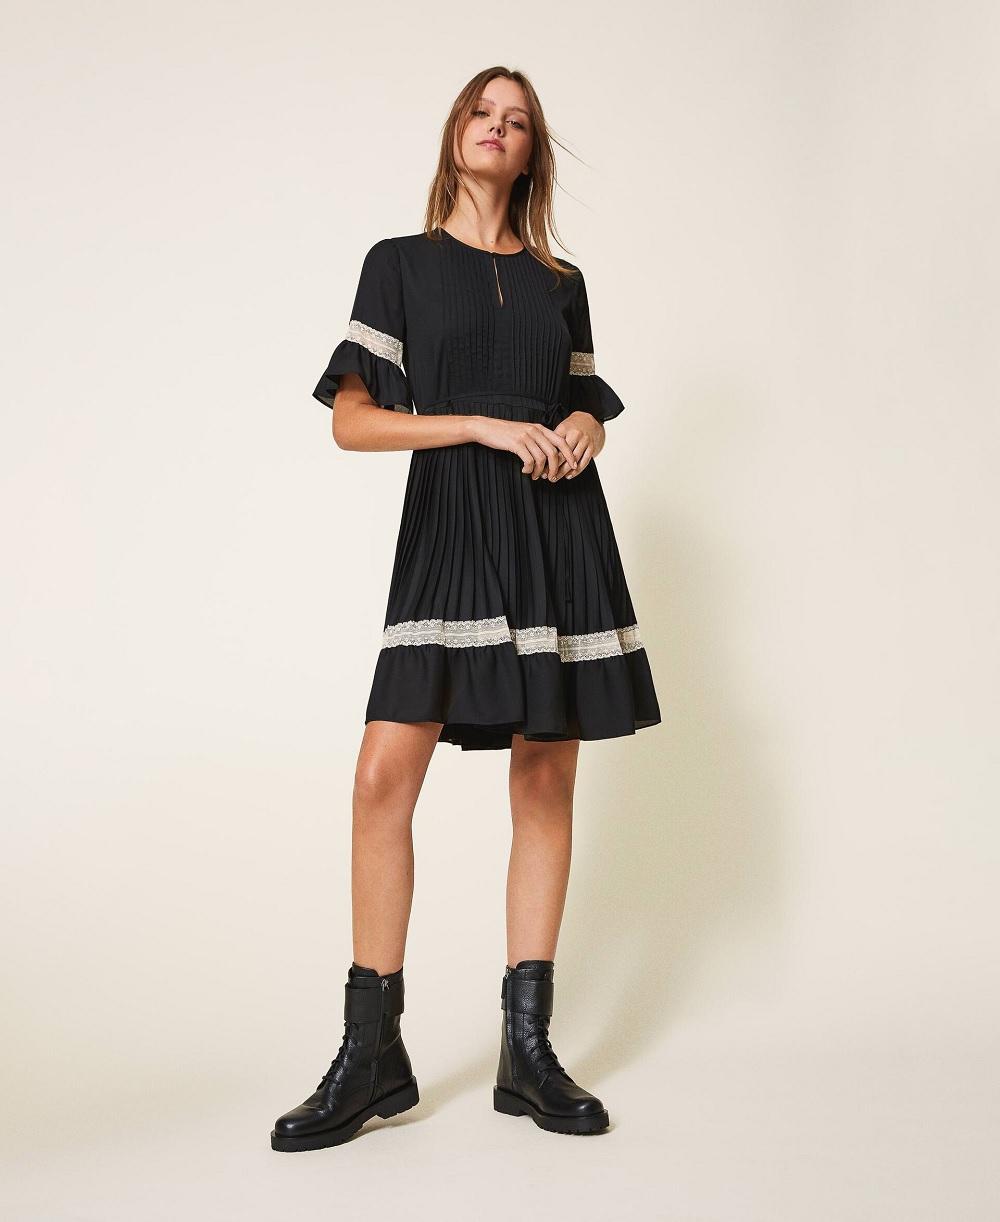 Twinset haljine blagdanske kombinacije 2020.